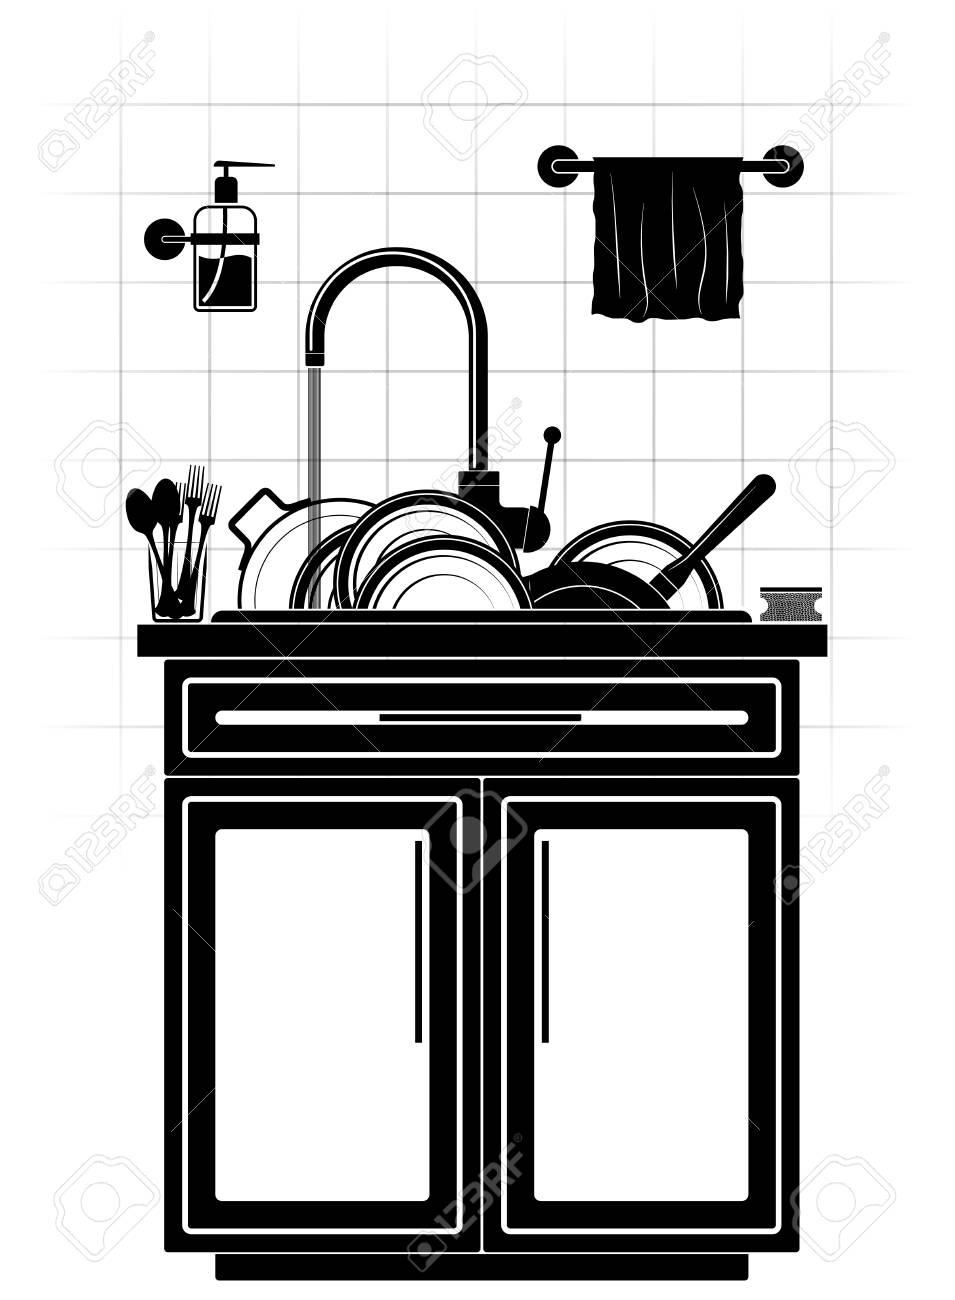 Une montagne de plats sales sales dans l\'évier de la cuisine. Assiettes,  casserole et poêle à frire. Mur carrelé et meubles de cuisine.